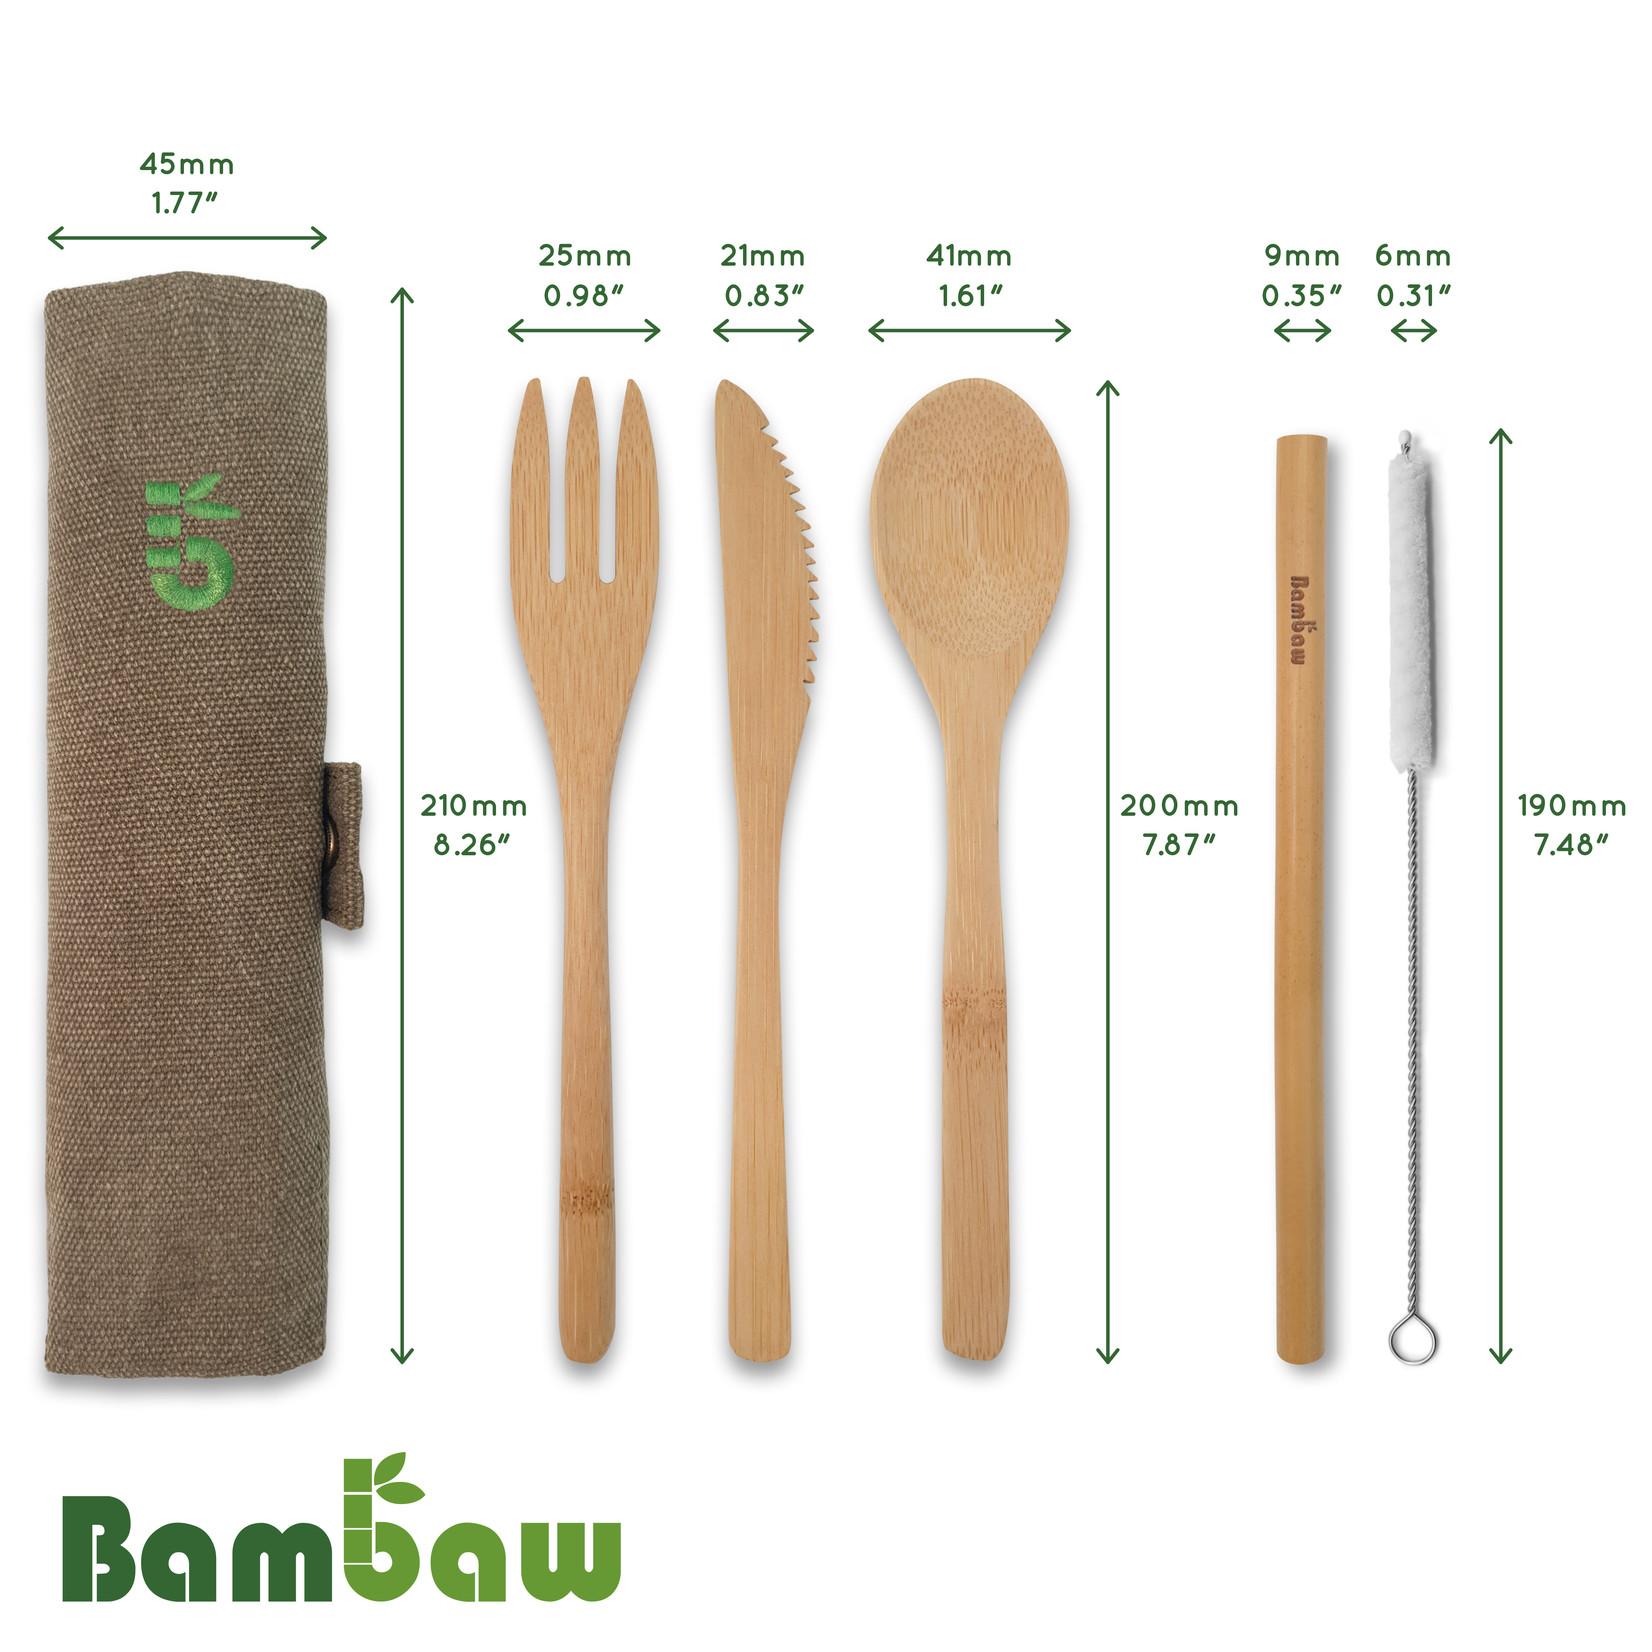 Bambaw BAMBAW - Bamboo Cutlery Set - 3 colours